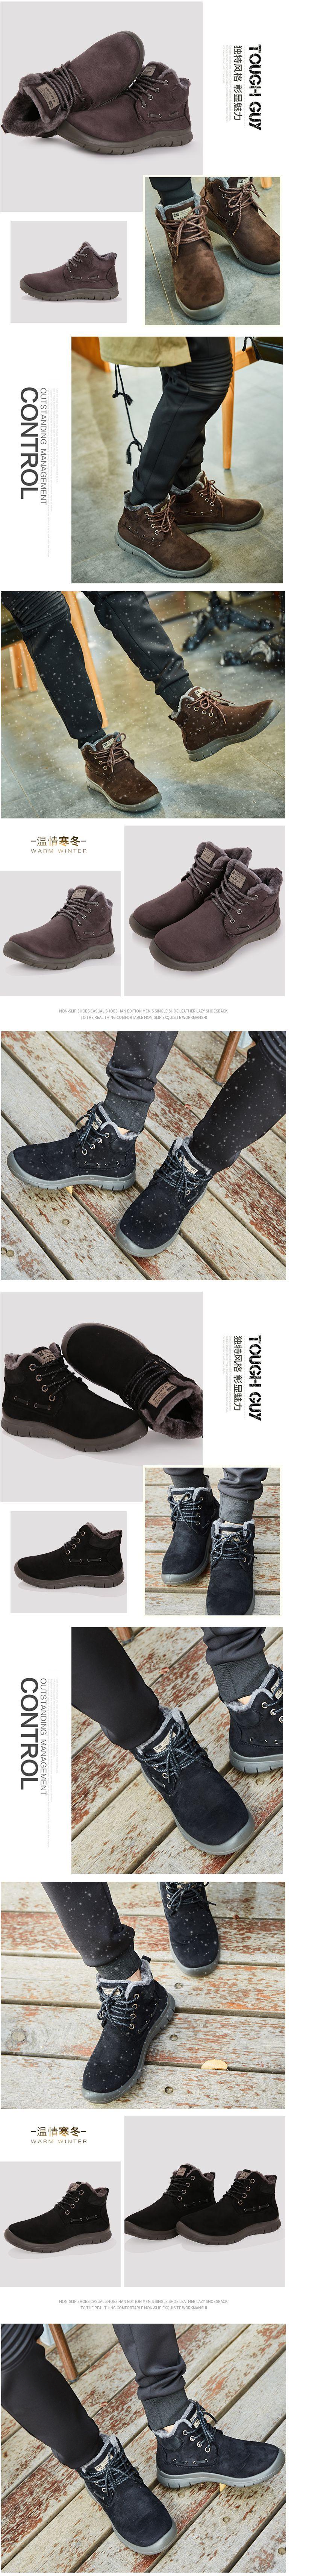 รองเท้าชาย รองเท้าหนังแคสเมียร์กันหิมะ